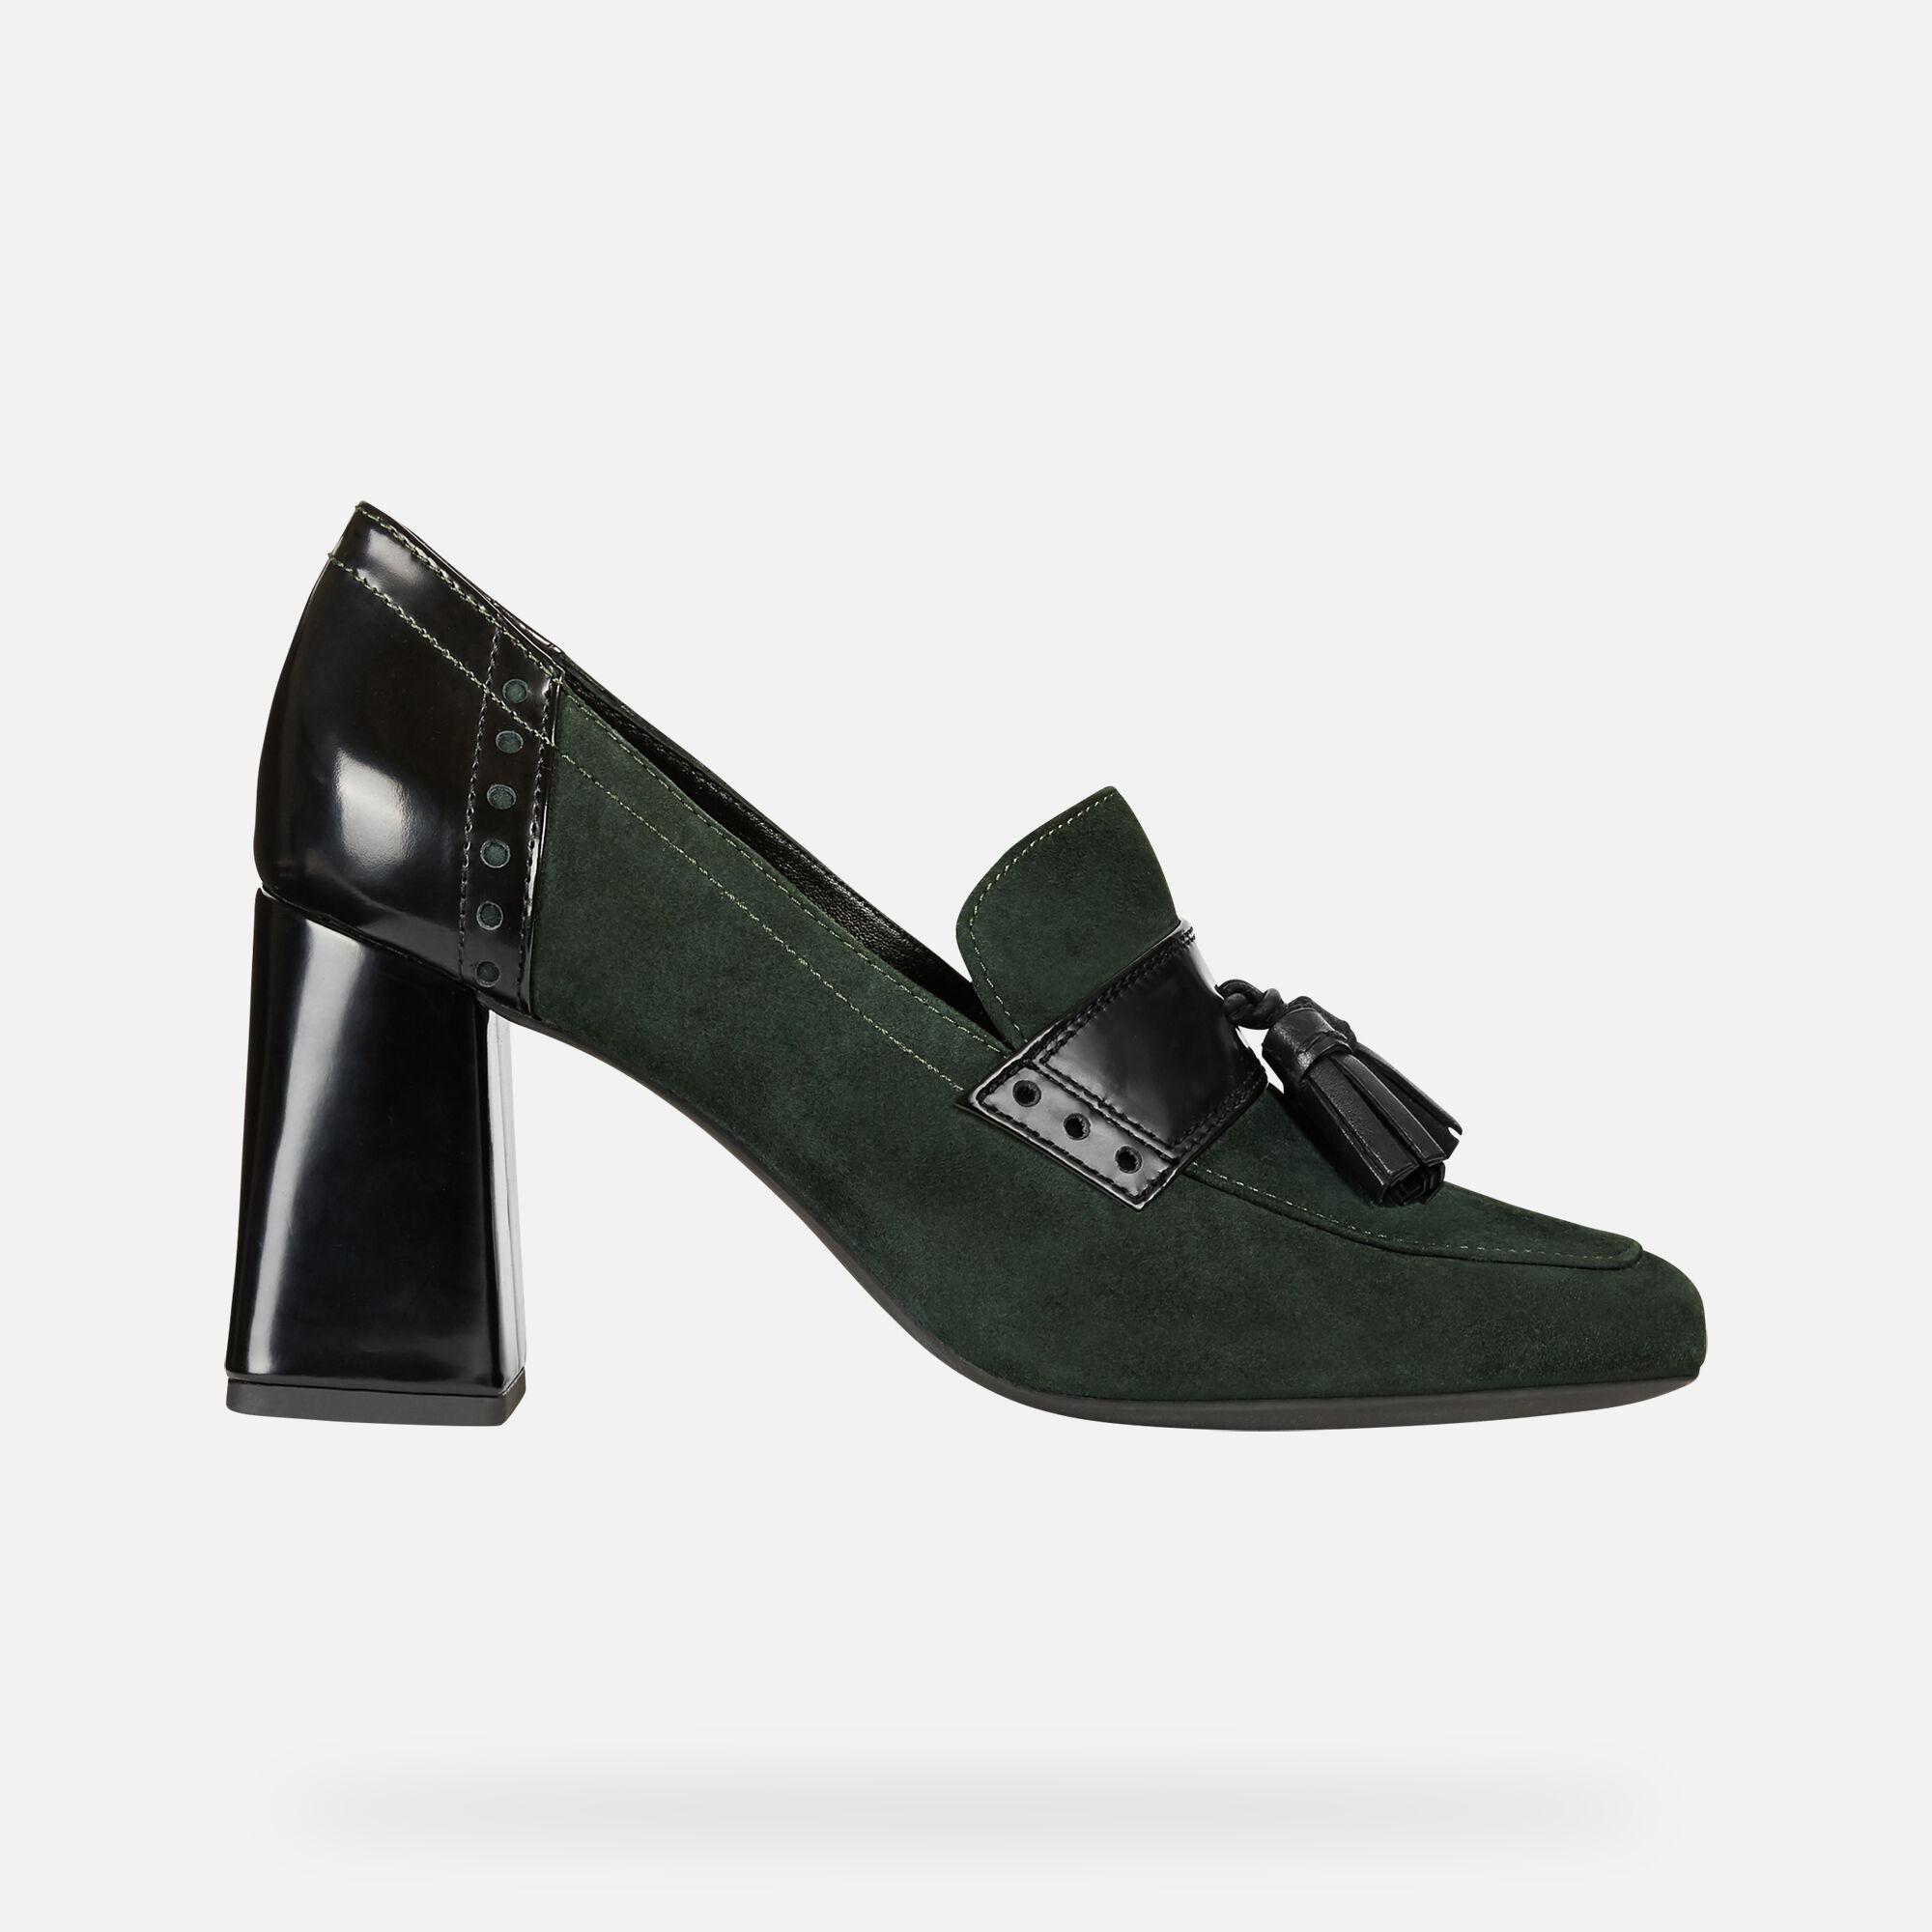 Geox De Zapatos Tacón Seylise Mujer qZPwxWAI